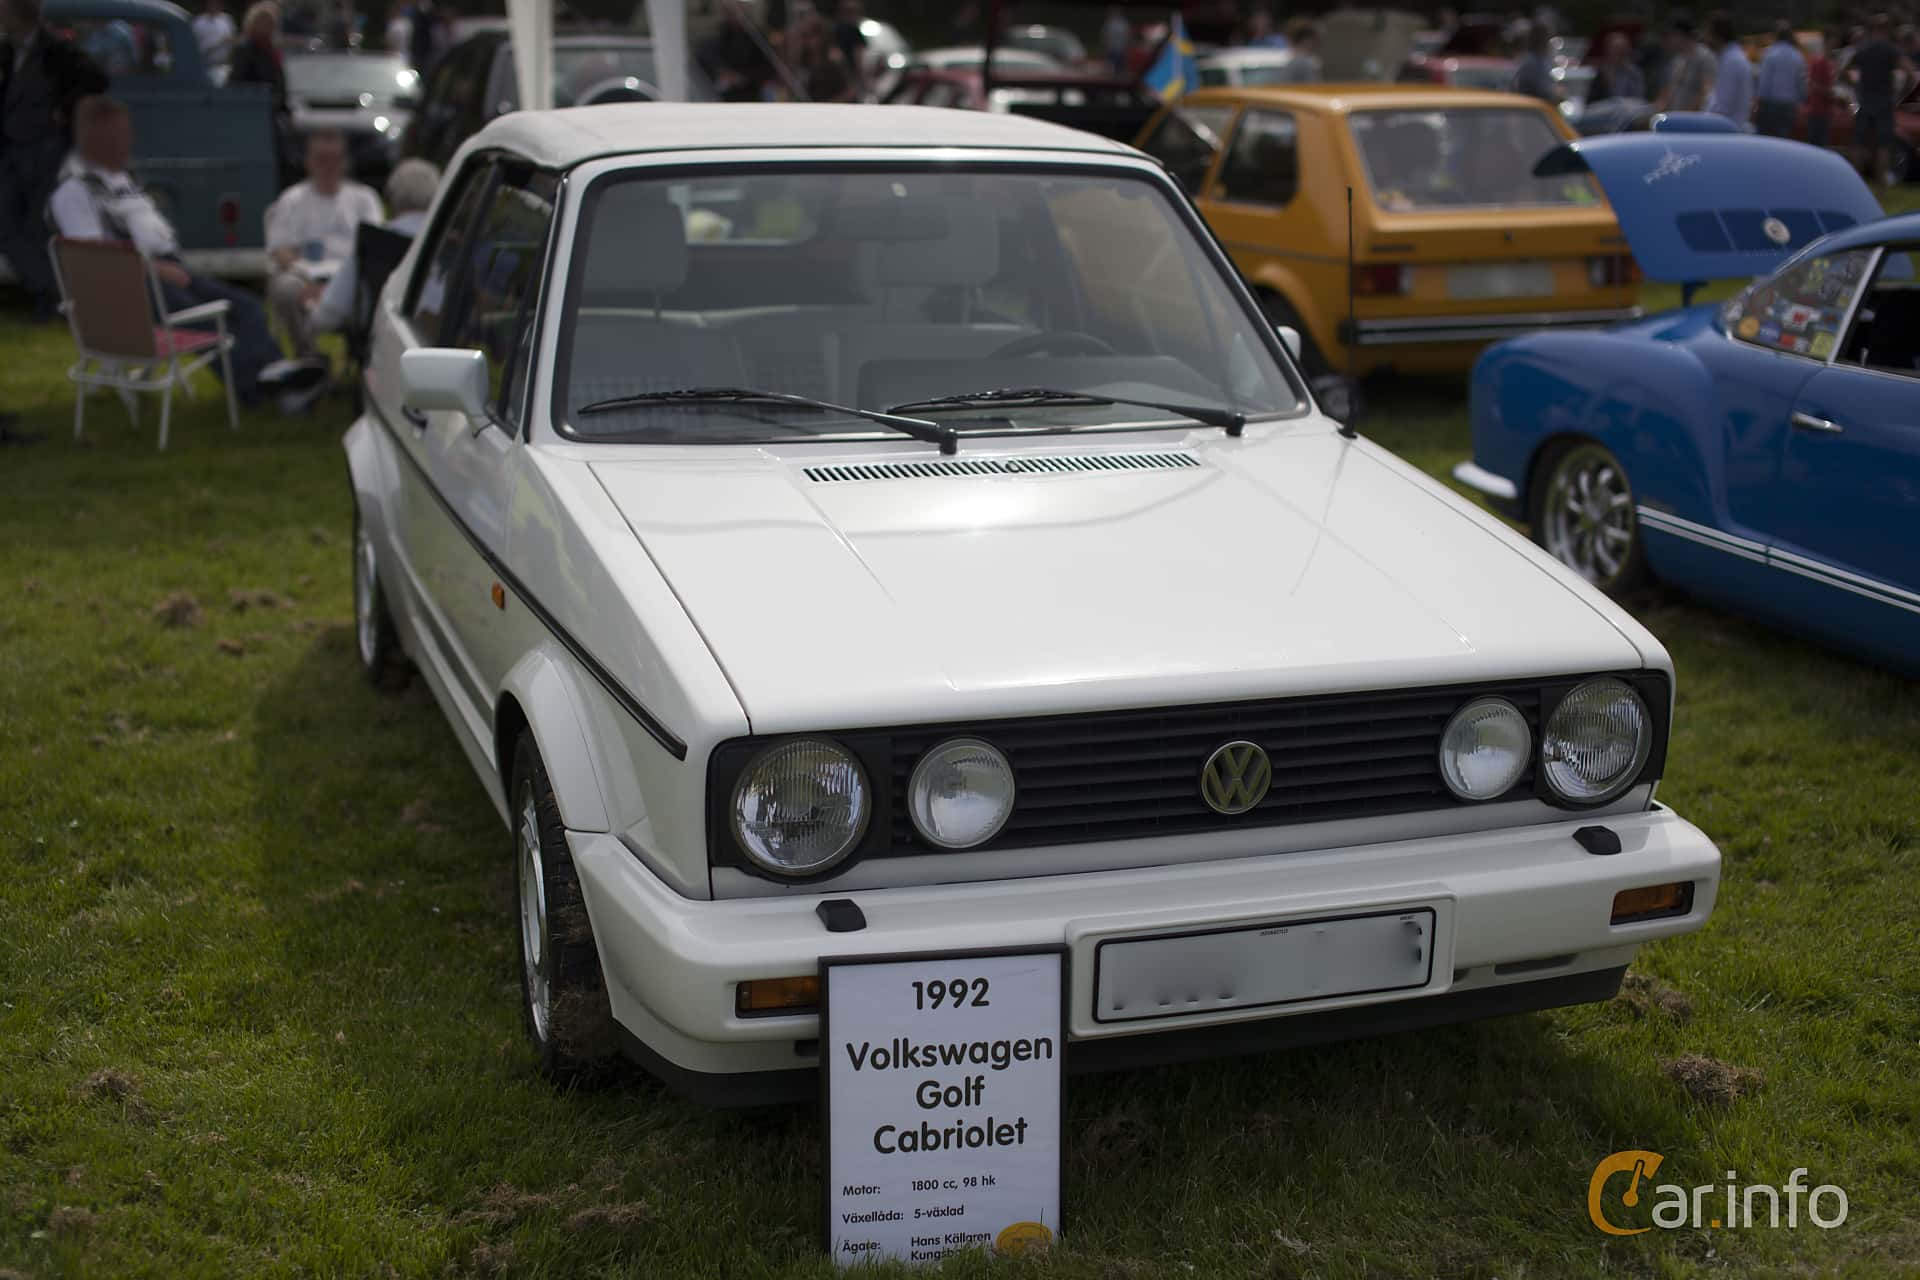 Volkswagen Golf Cabriolet 1 8 Manual 98hp 1992